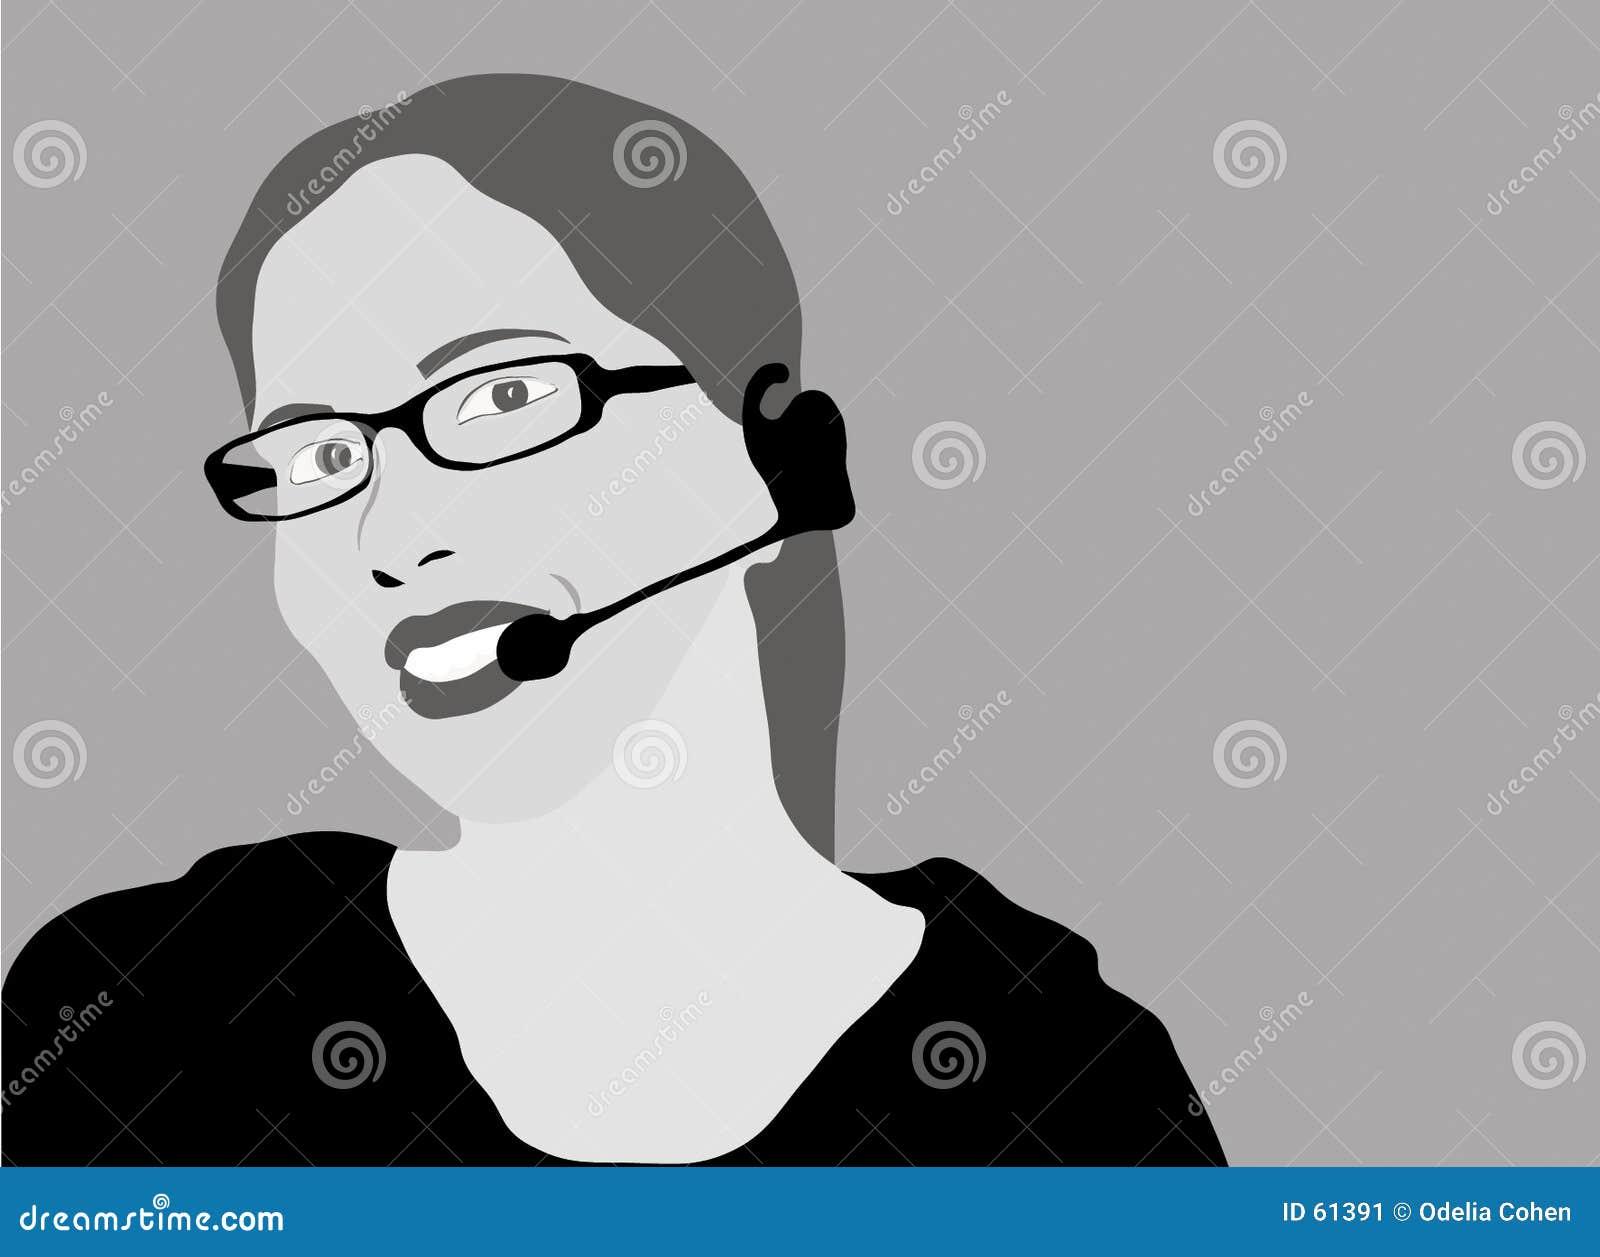 Representante del servicio de atención al cliente - grayscale